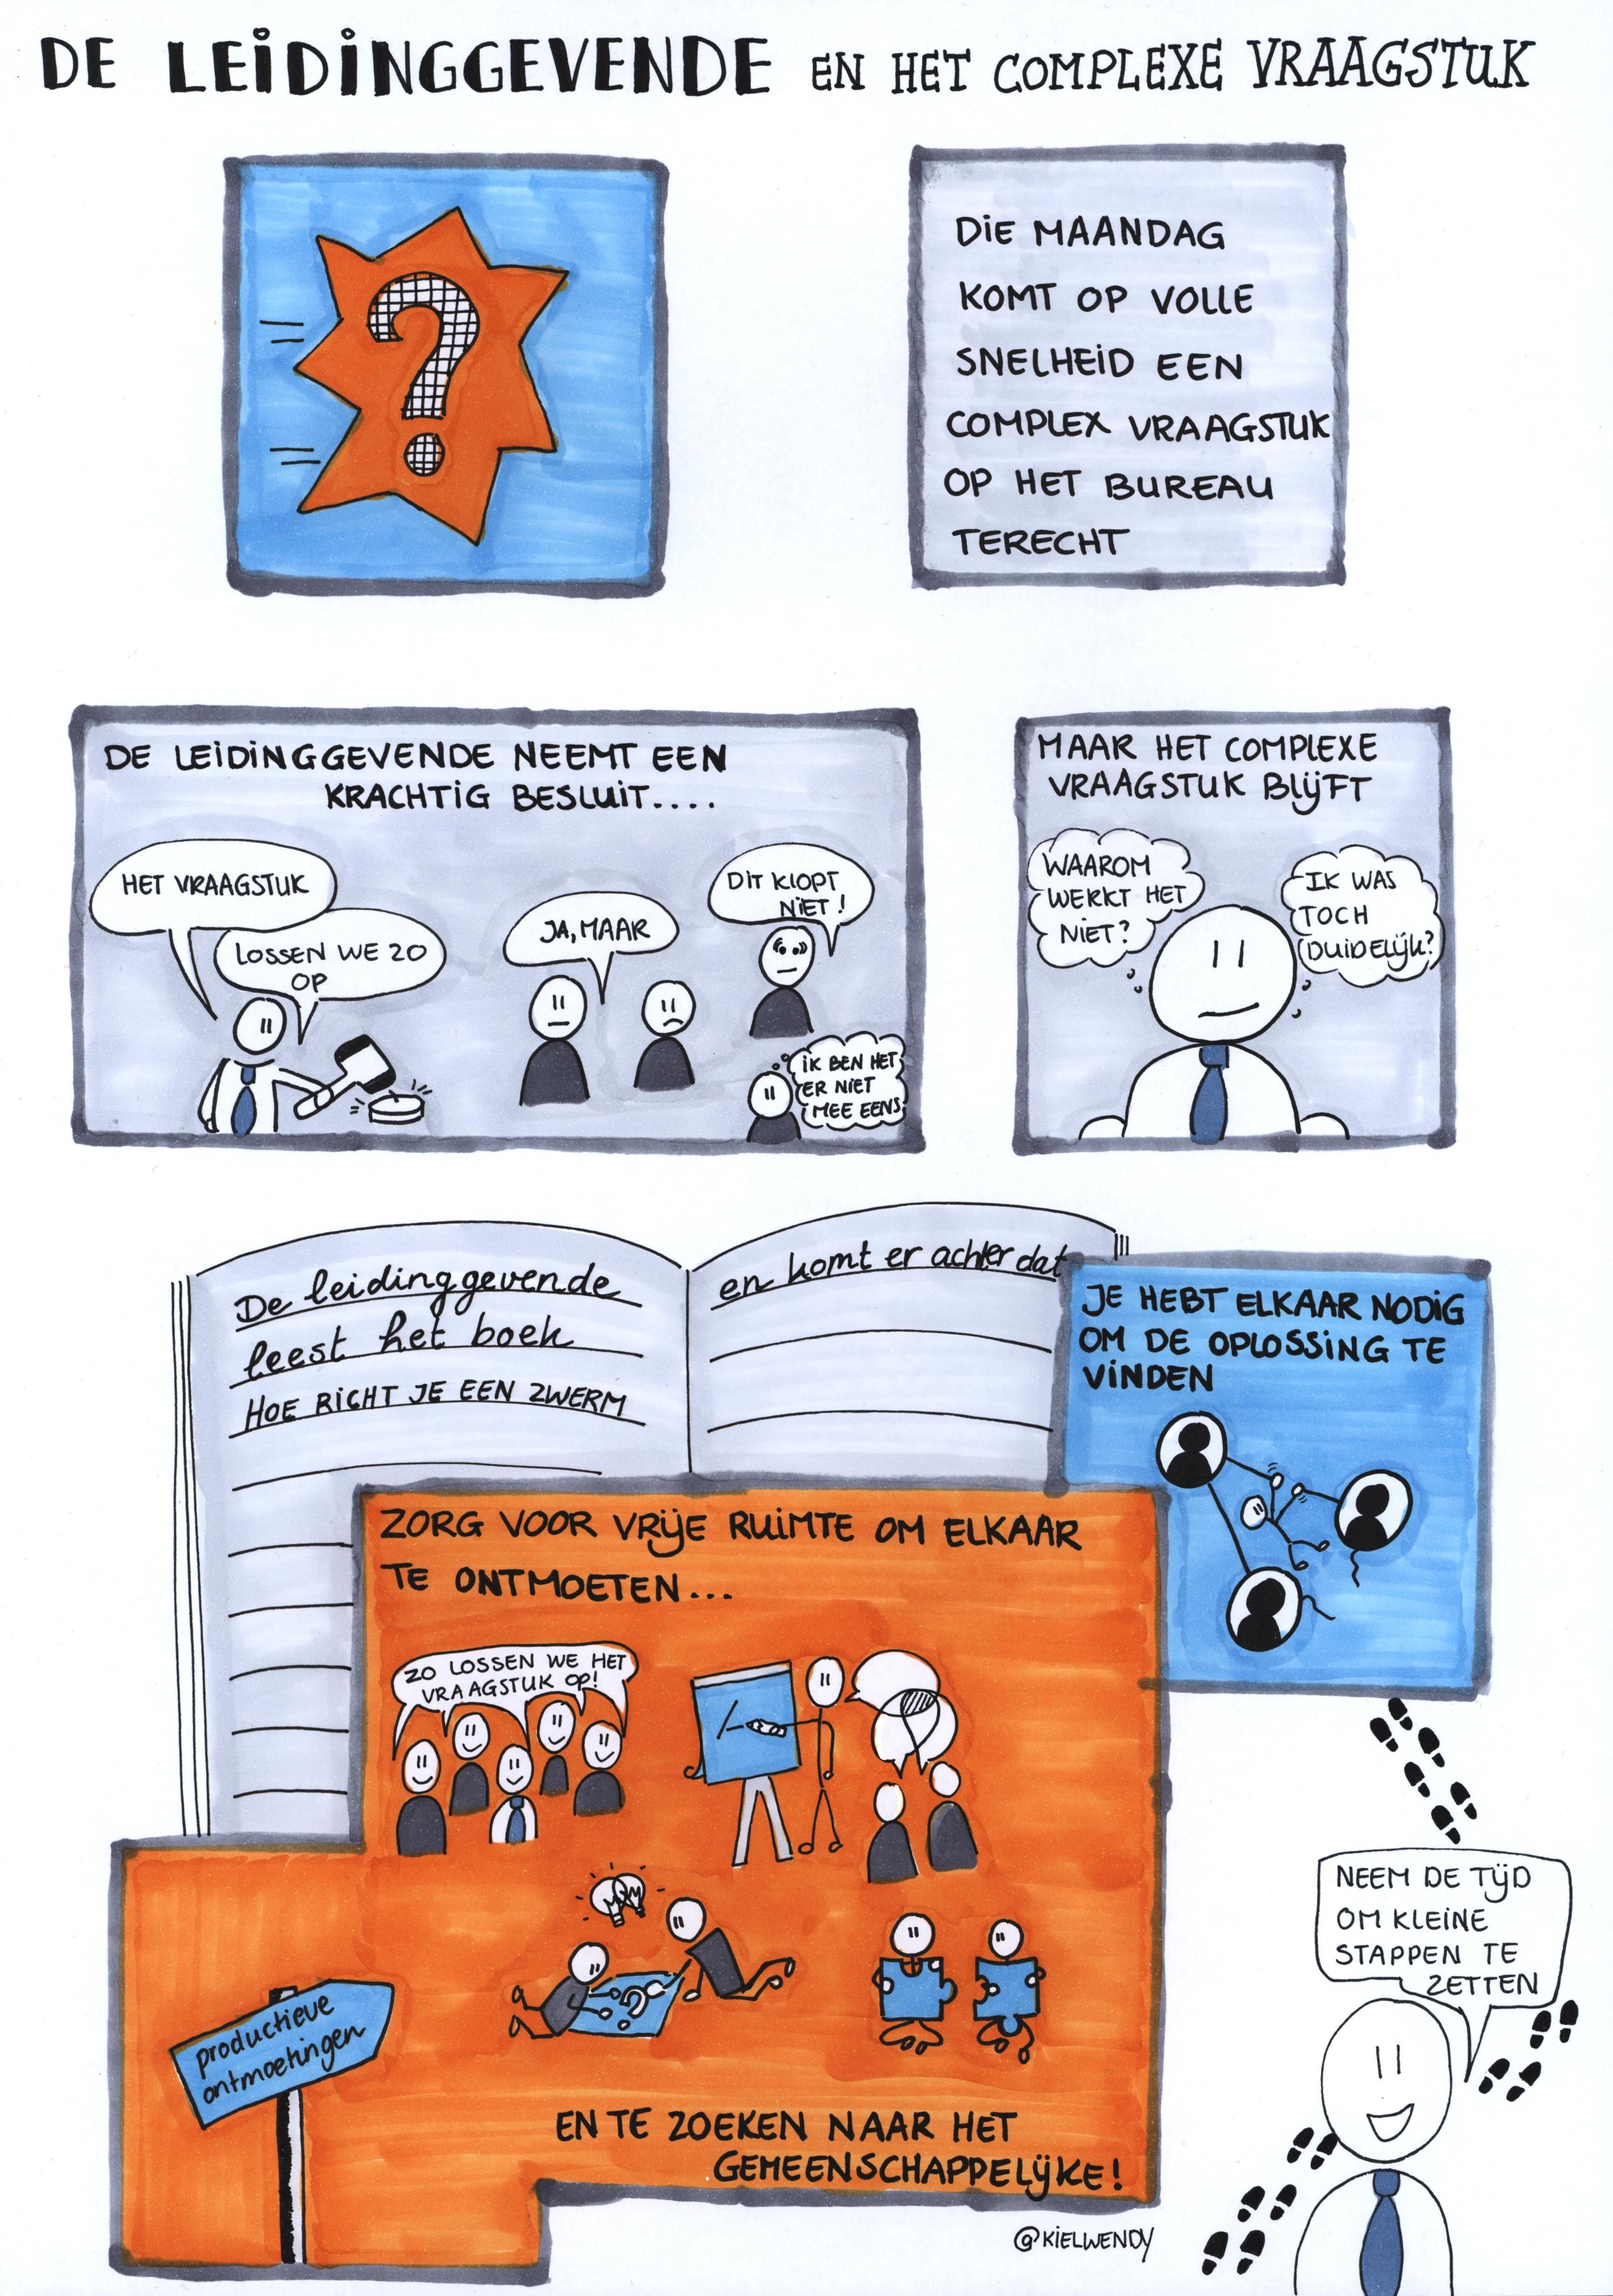 de-leidinggevende-en-het-complexe-vraagstuk